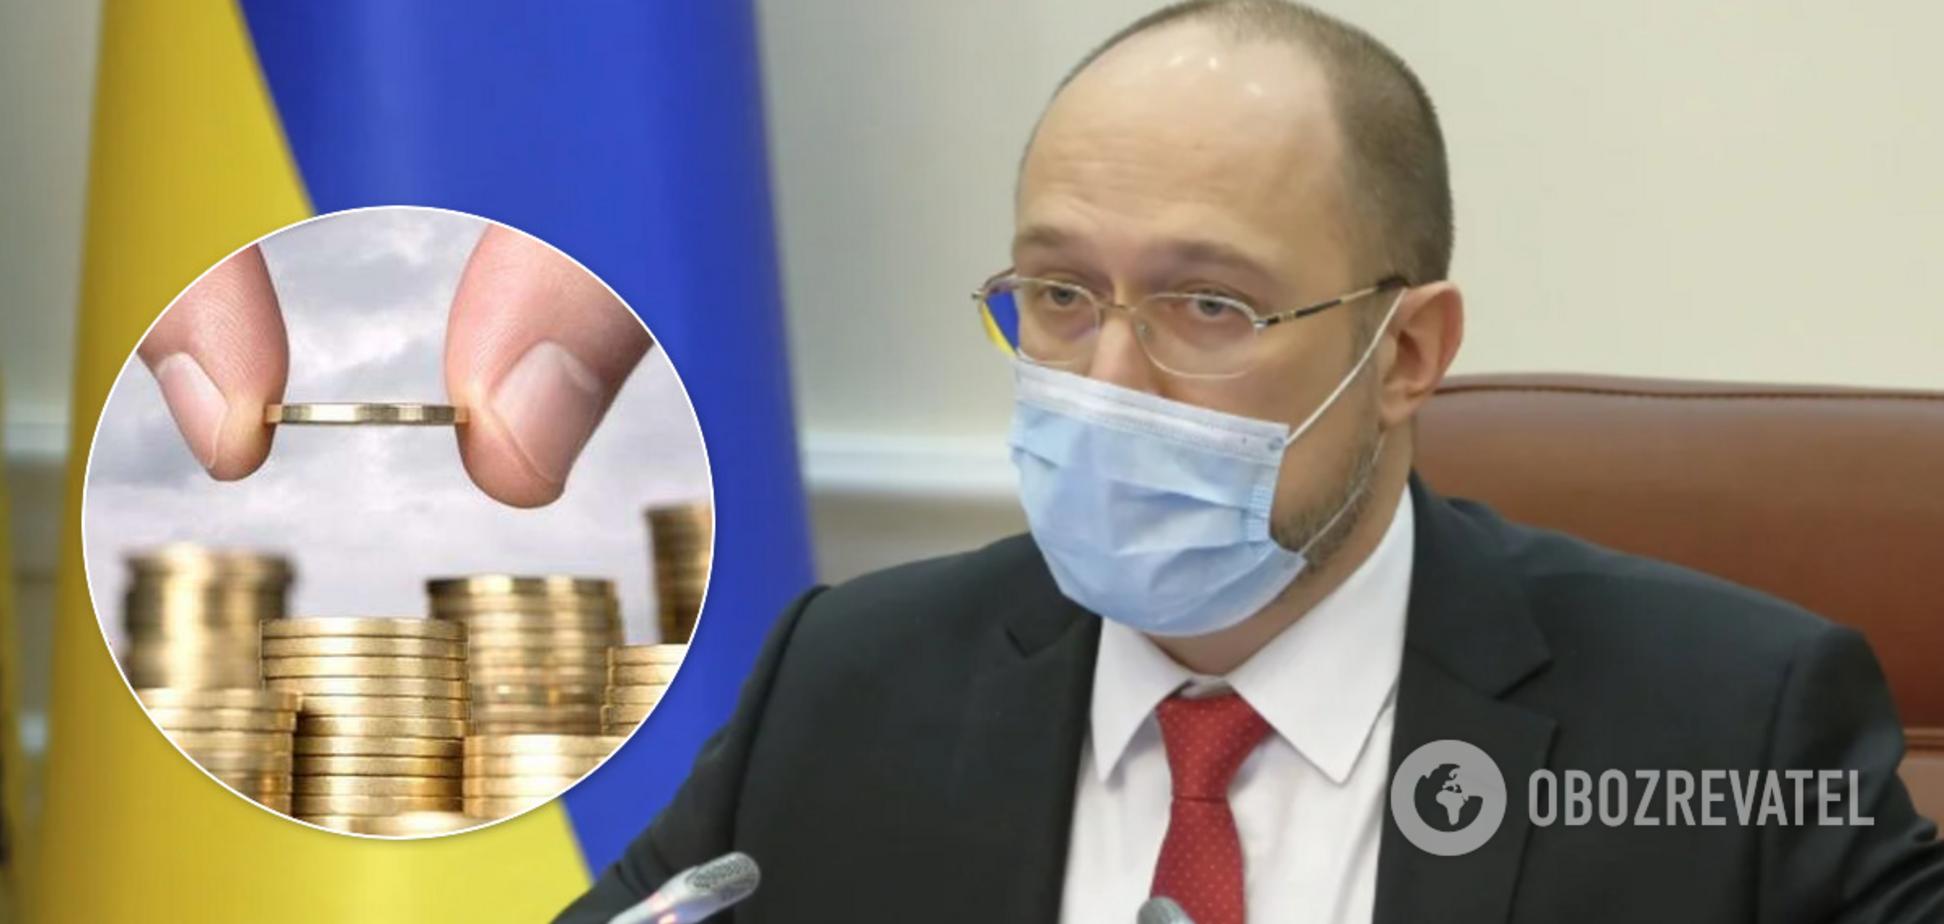 Шмыгаль сказал, что Украина потратит деньги МВФ на пенсии